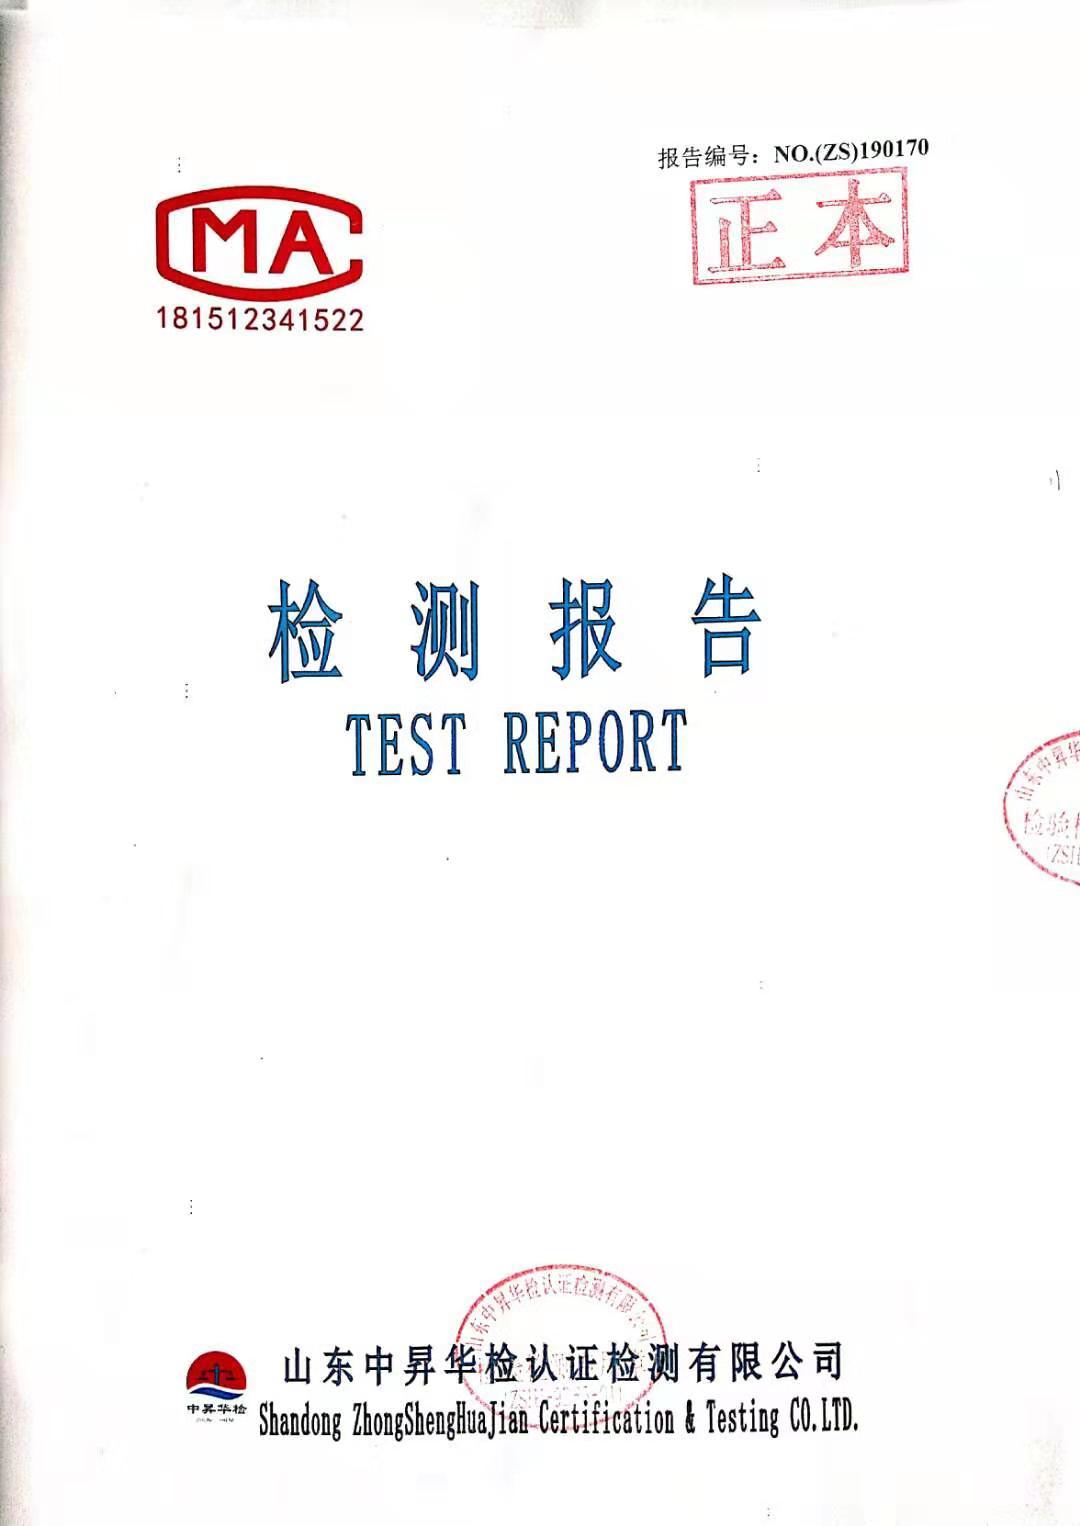 青岛广星电子材料有限公司环境监测报告